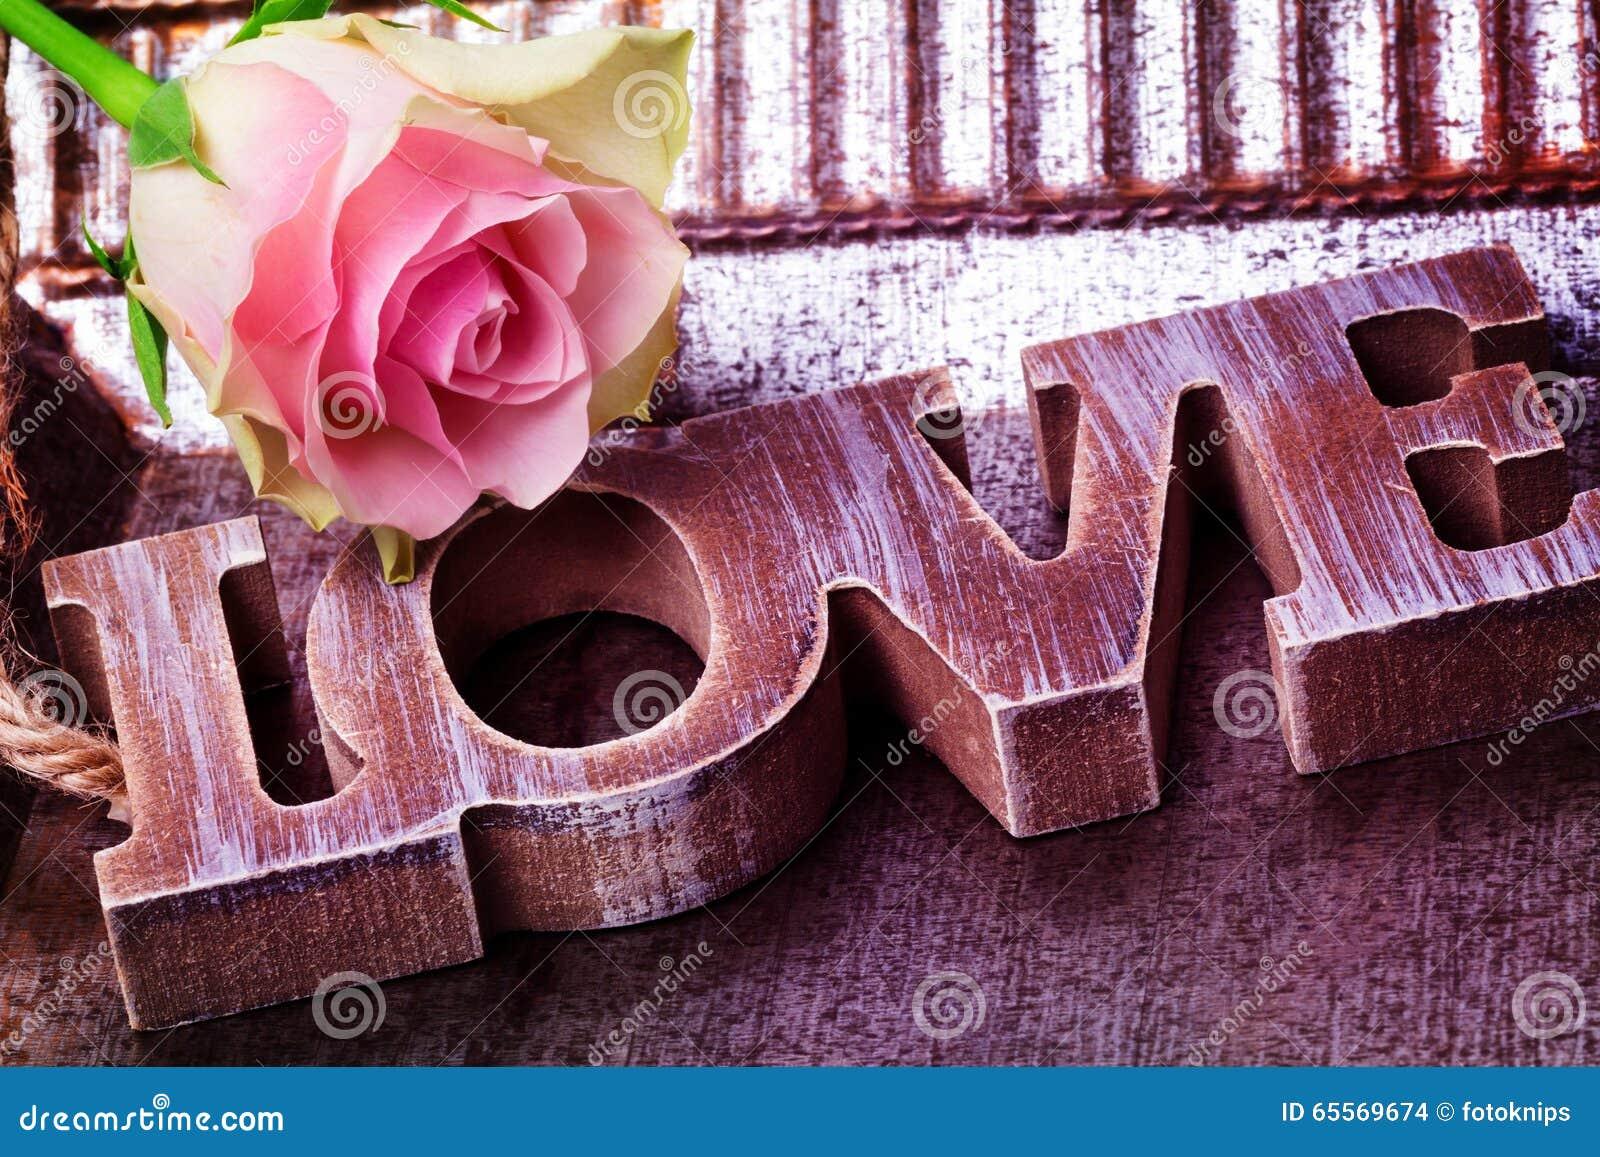 Liebe Dekoration Rose Valentinstag Stockfoto Bild